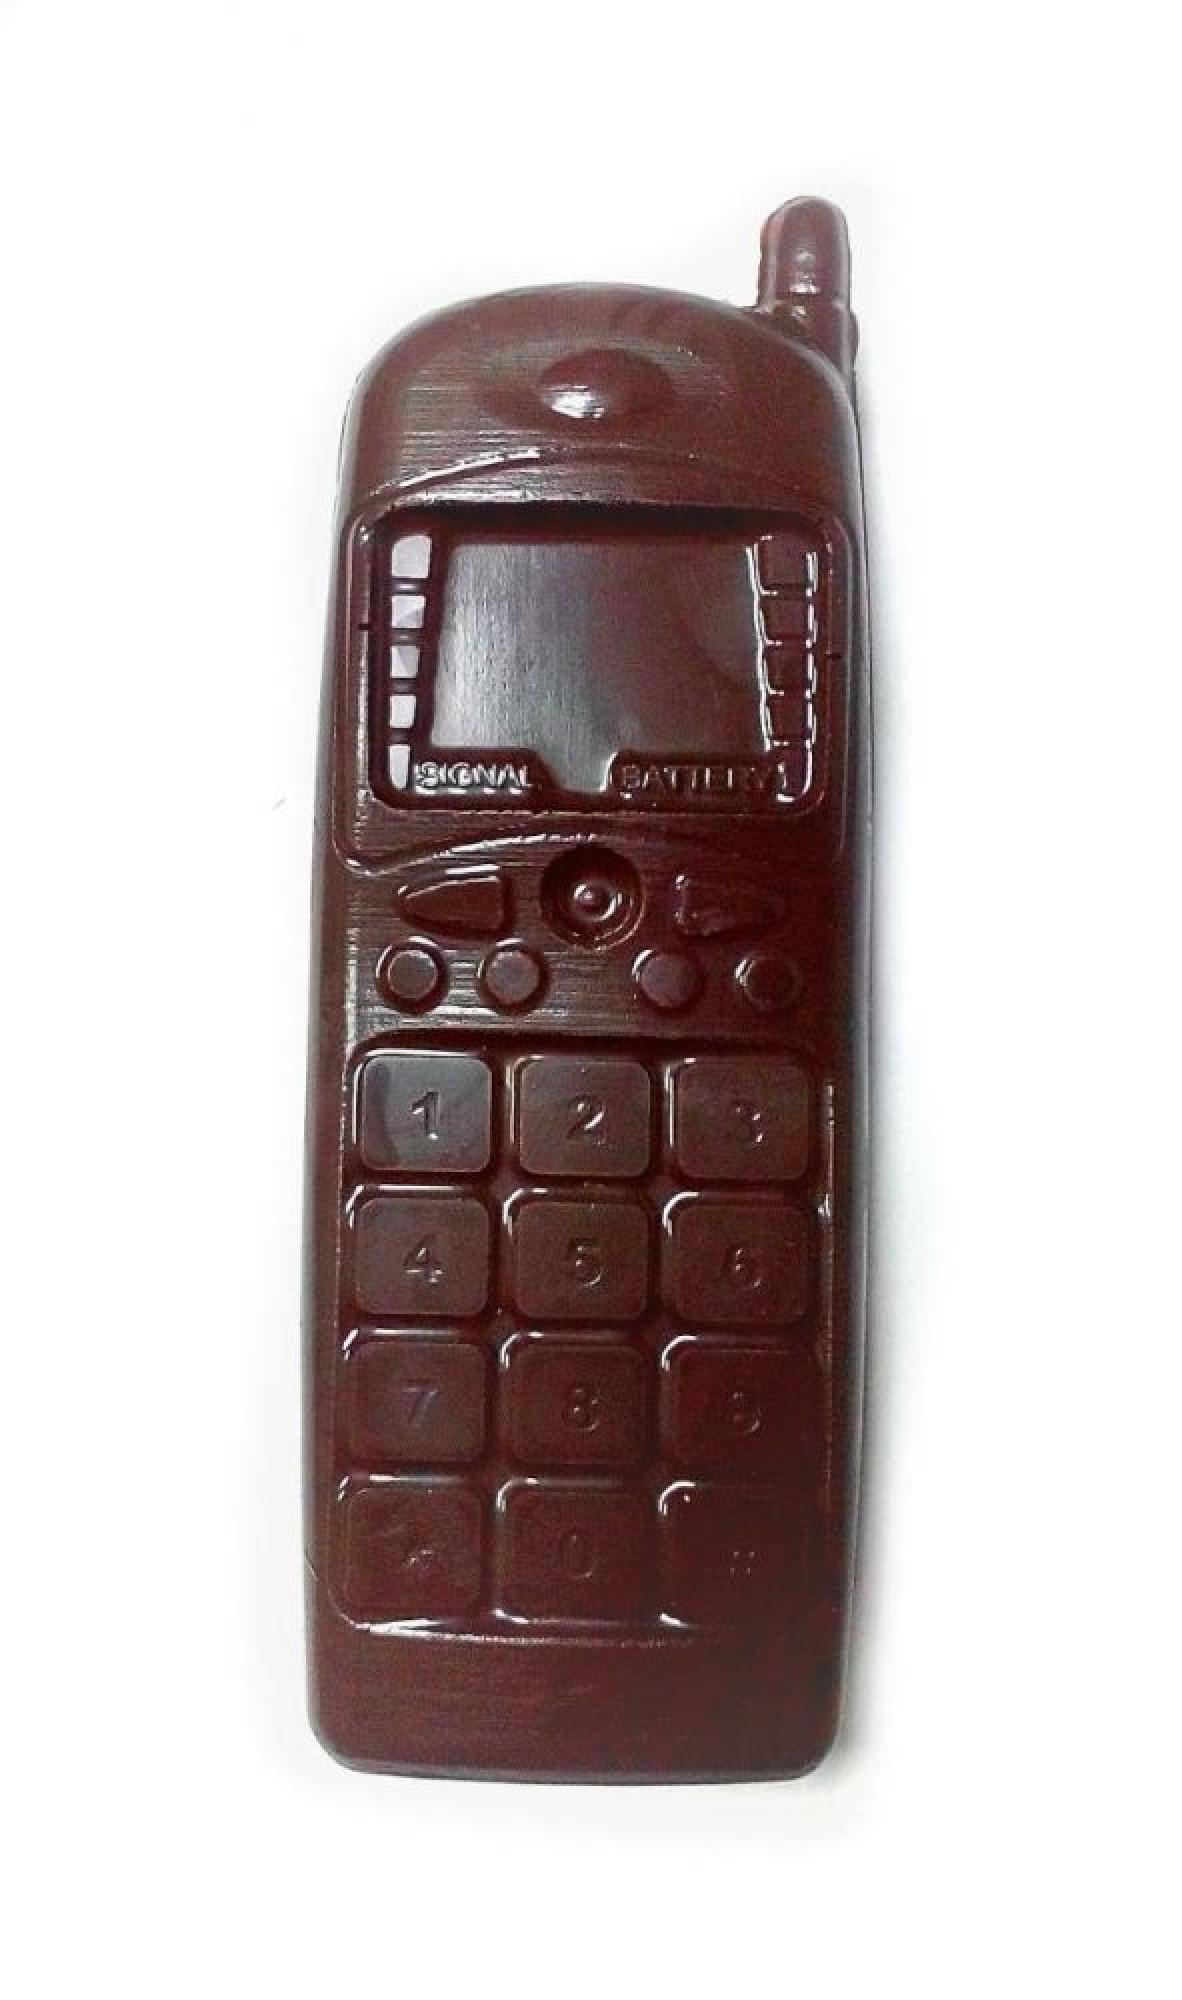 Шоколадный телефон